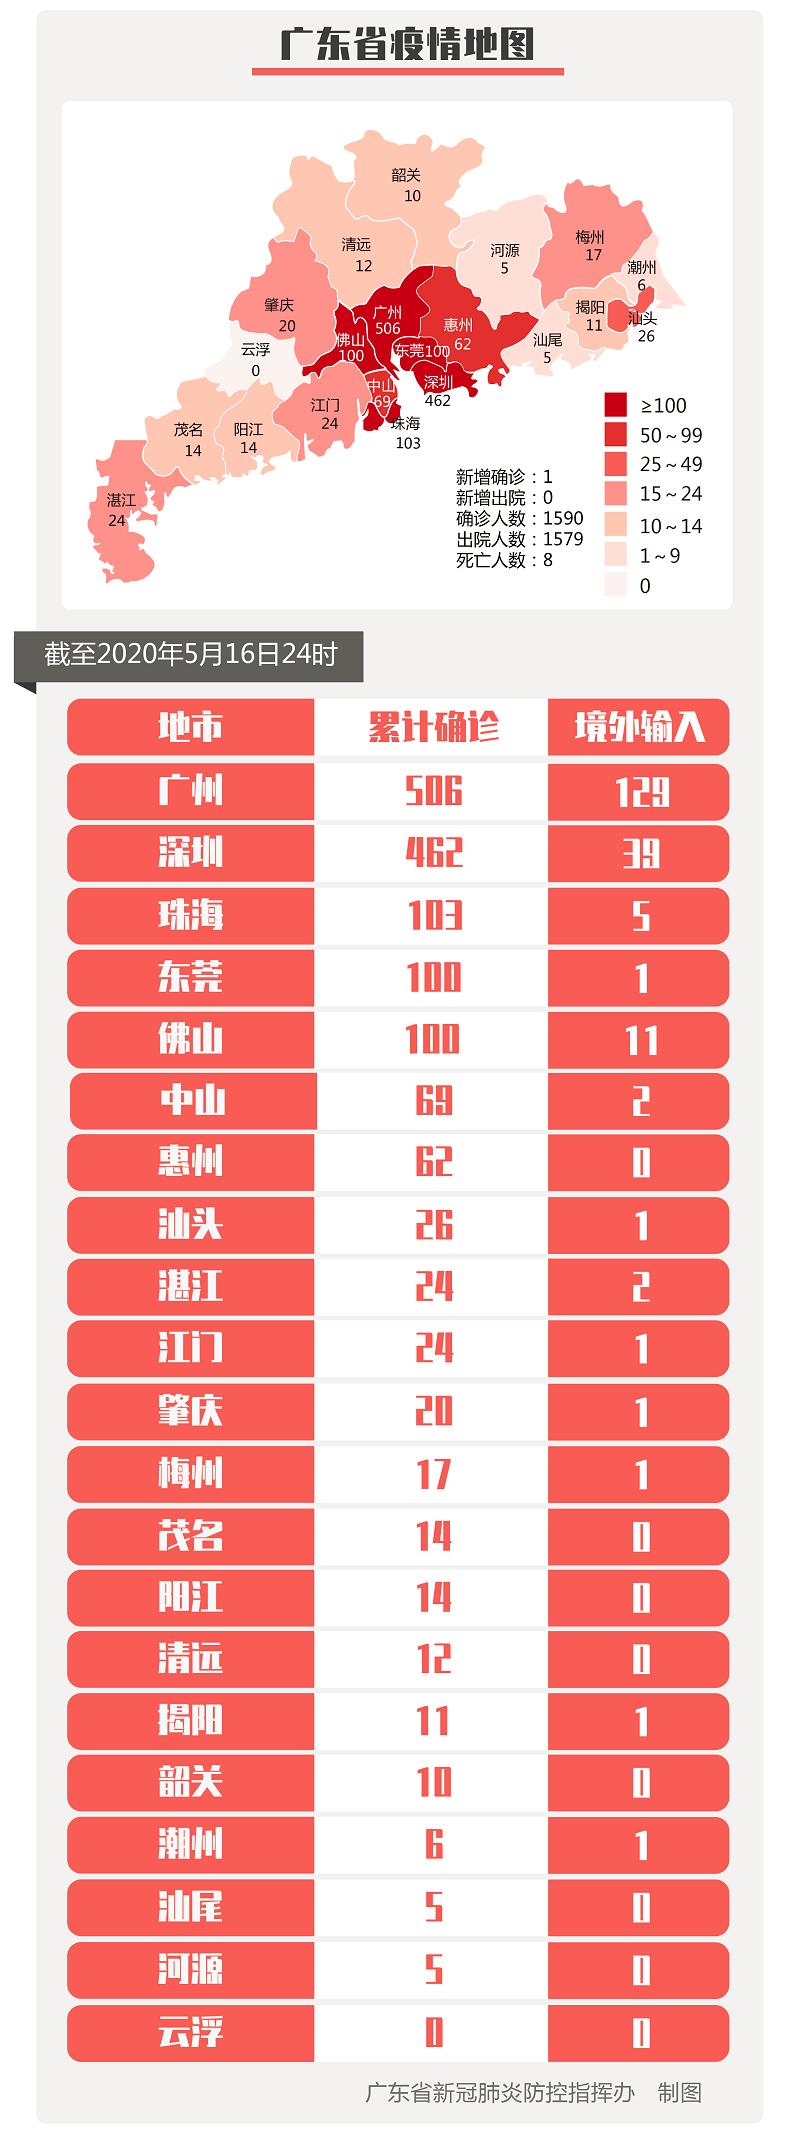 杏悦主管:新增境外杏悦主管输入确诊病例1例广州报图片